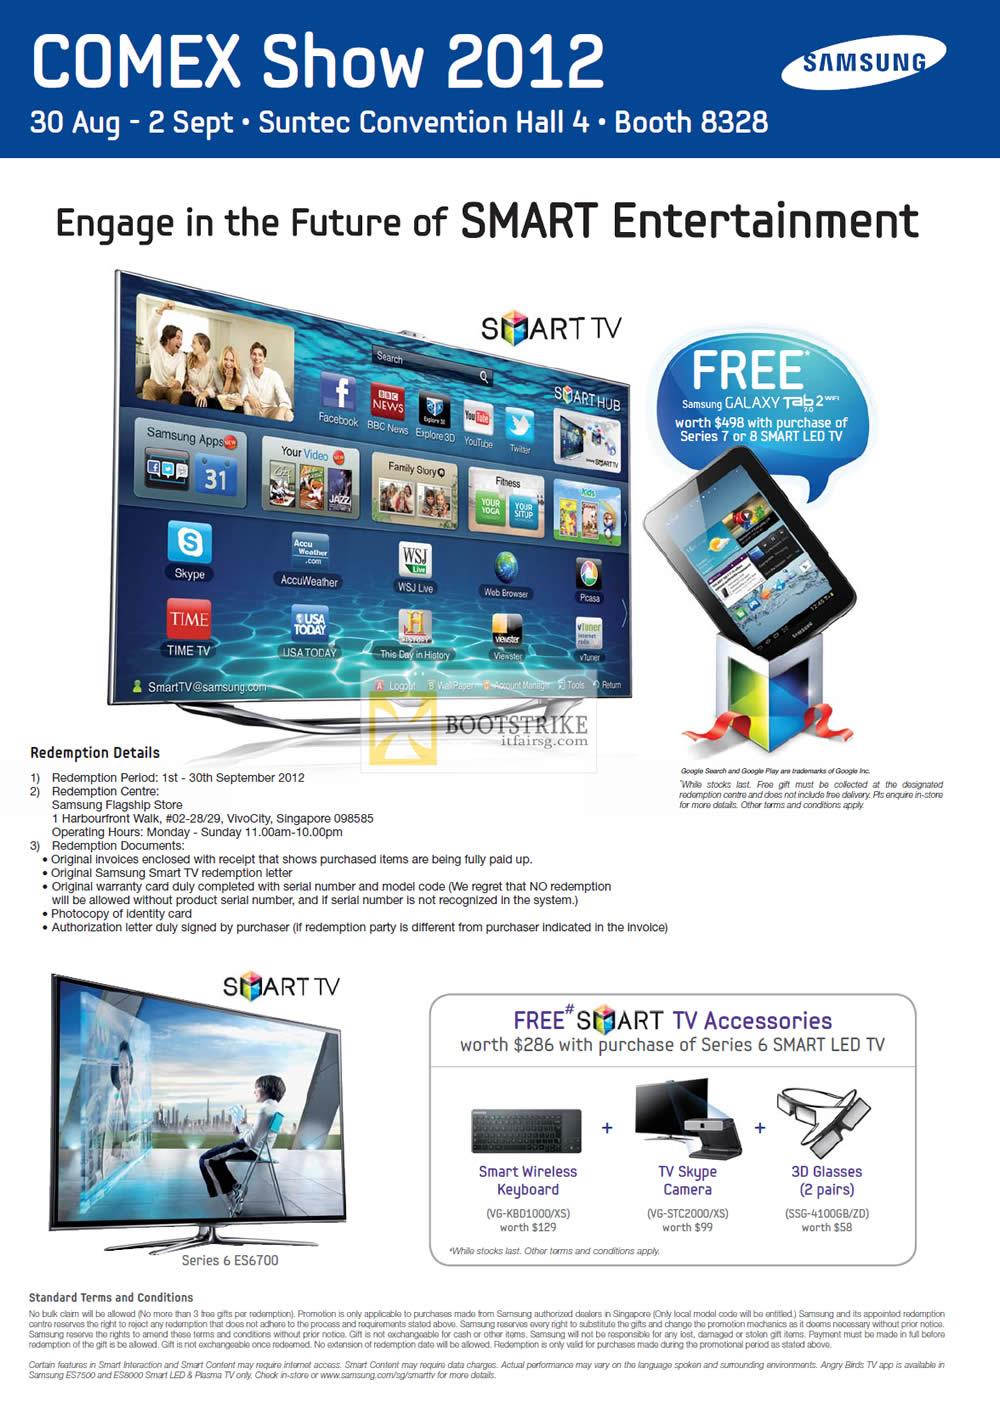 Harvey Norman Samsung Smart TV Series 6 40ES6700 COMEX 2012